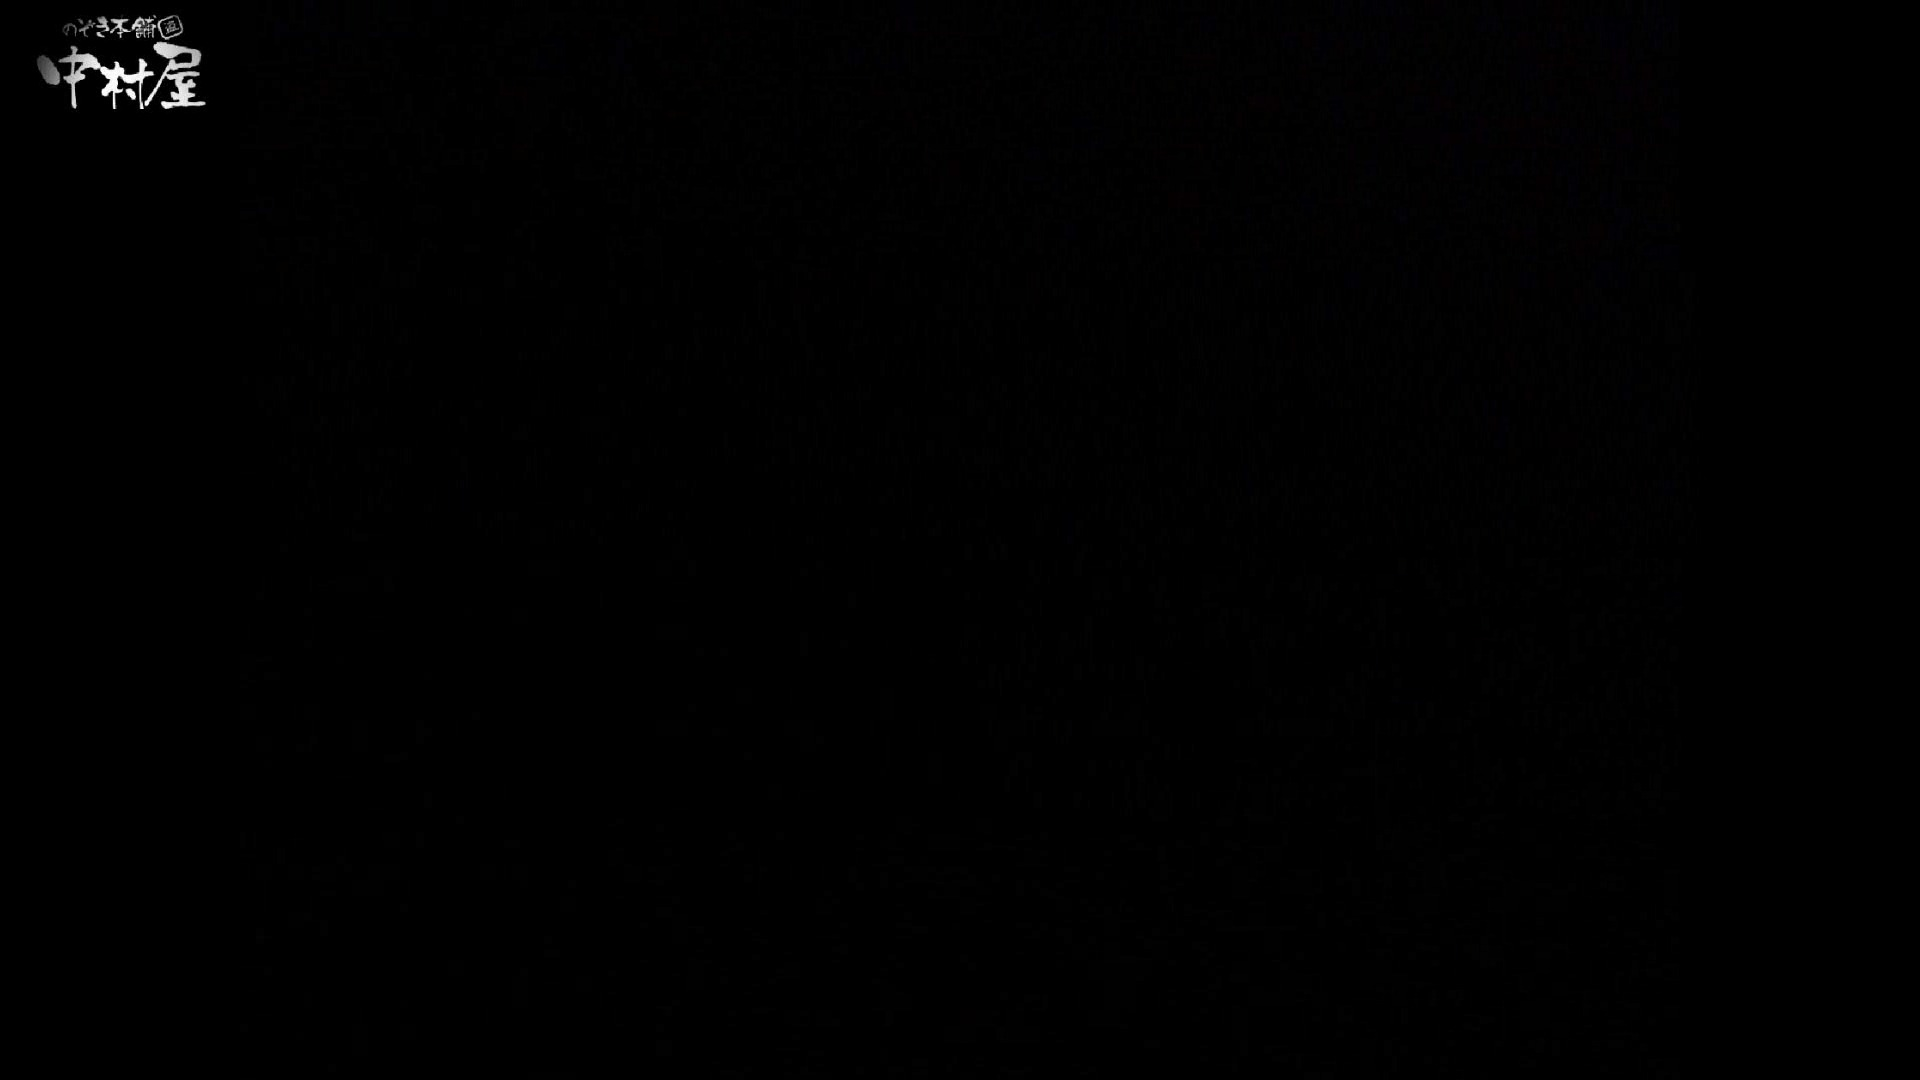 民家風呂専門盗撮師の超危険映像 vol.017 盗撮シリーズ  110PIX 25